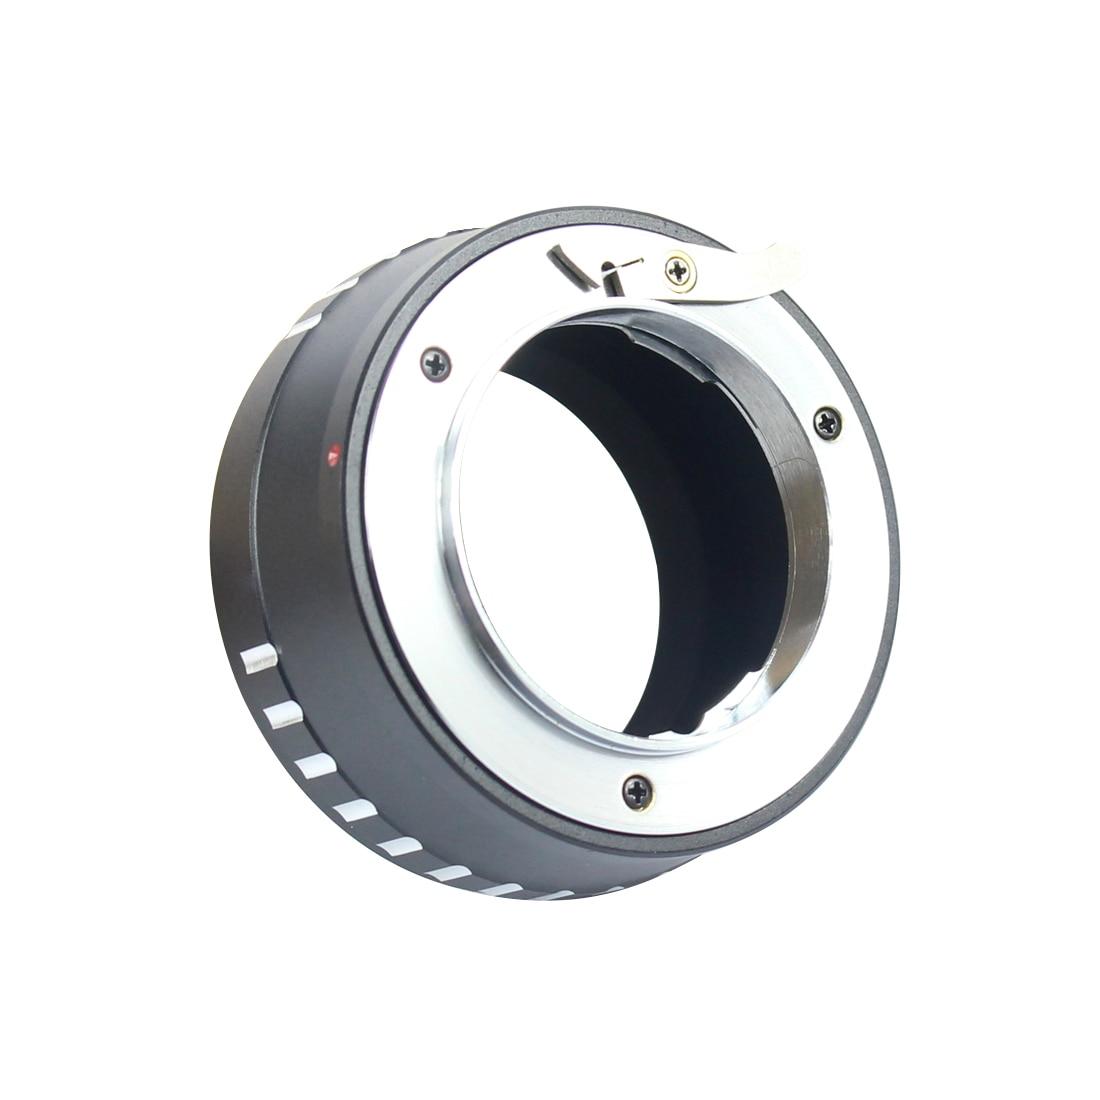 De aleación de latón lente de la Cámara de anillo adaptador parte para Exakta EXA para Sony NEX E montaje NEX7 NEX-5N NEX5 NEX3 convertir adaptador de lente